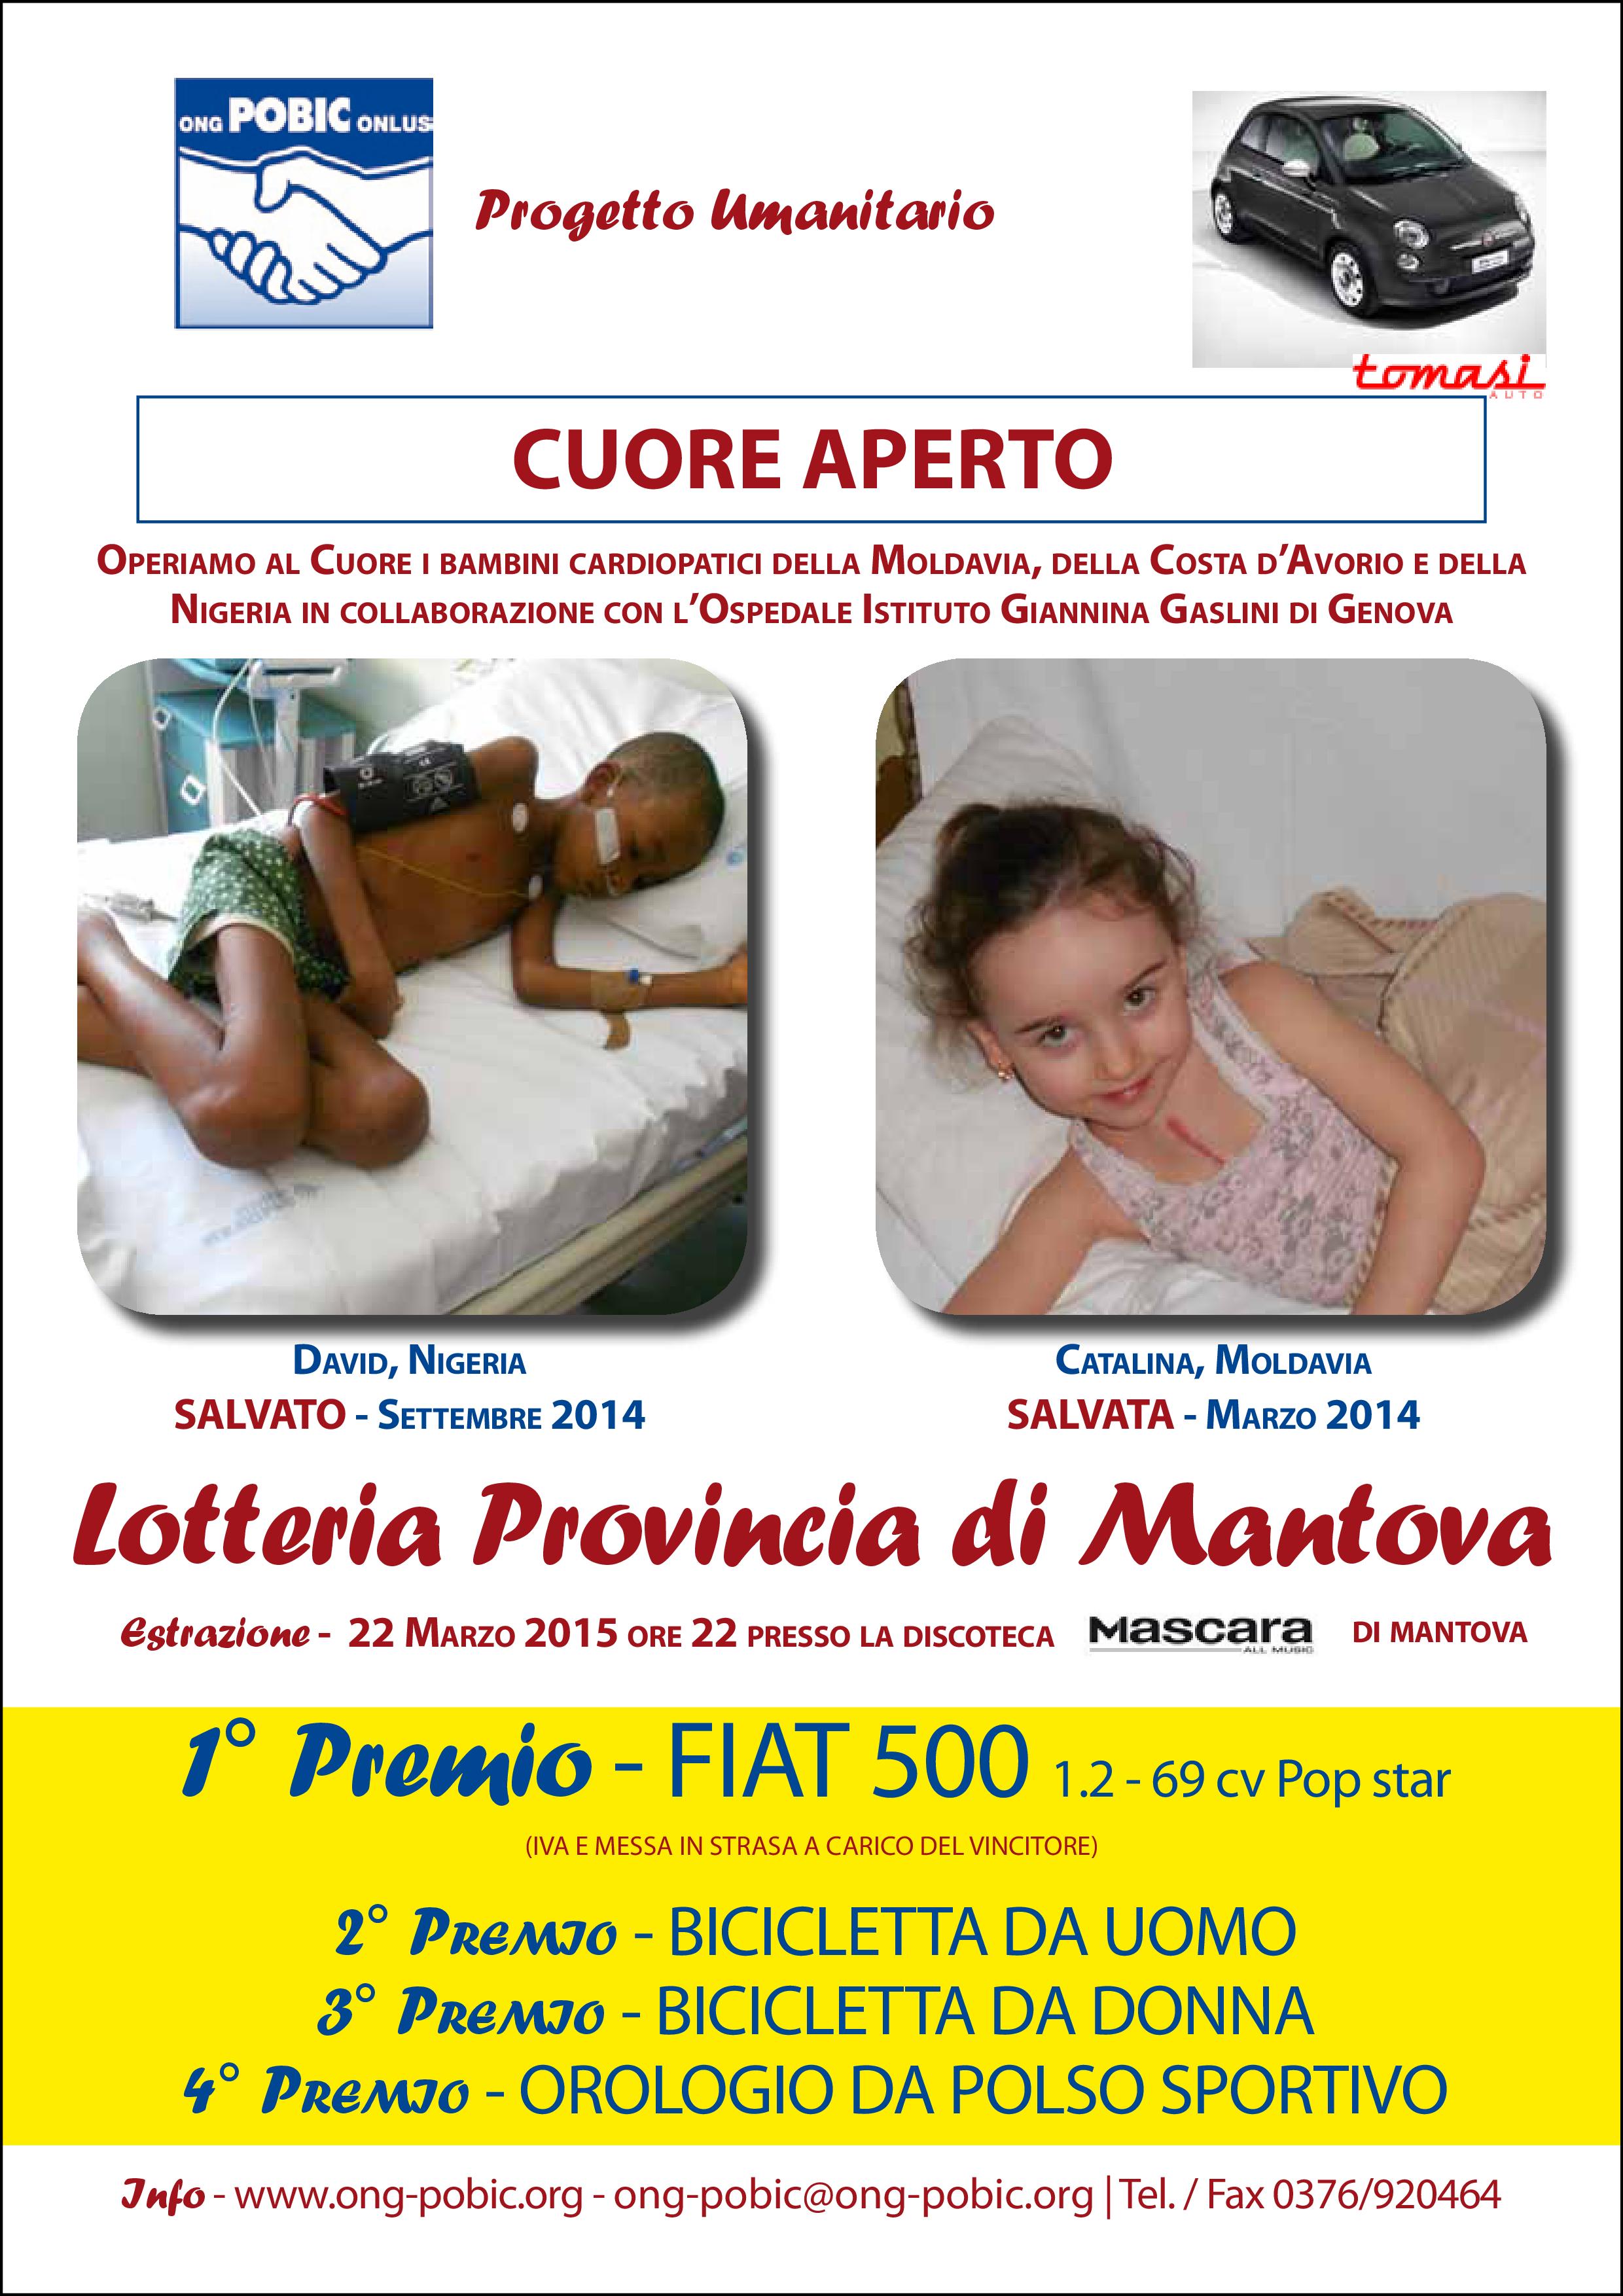 VOL. A4 Lotteria ONG-POBIC 2015